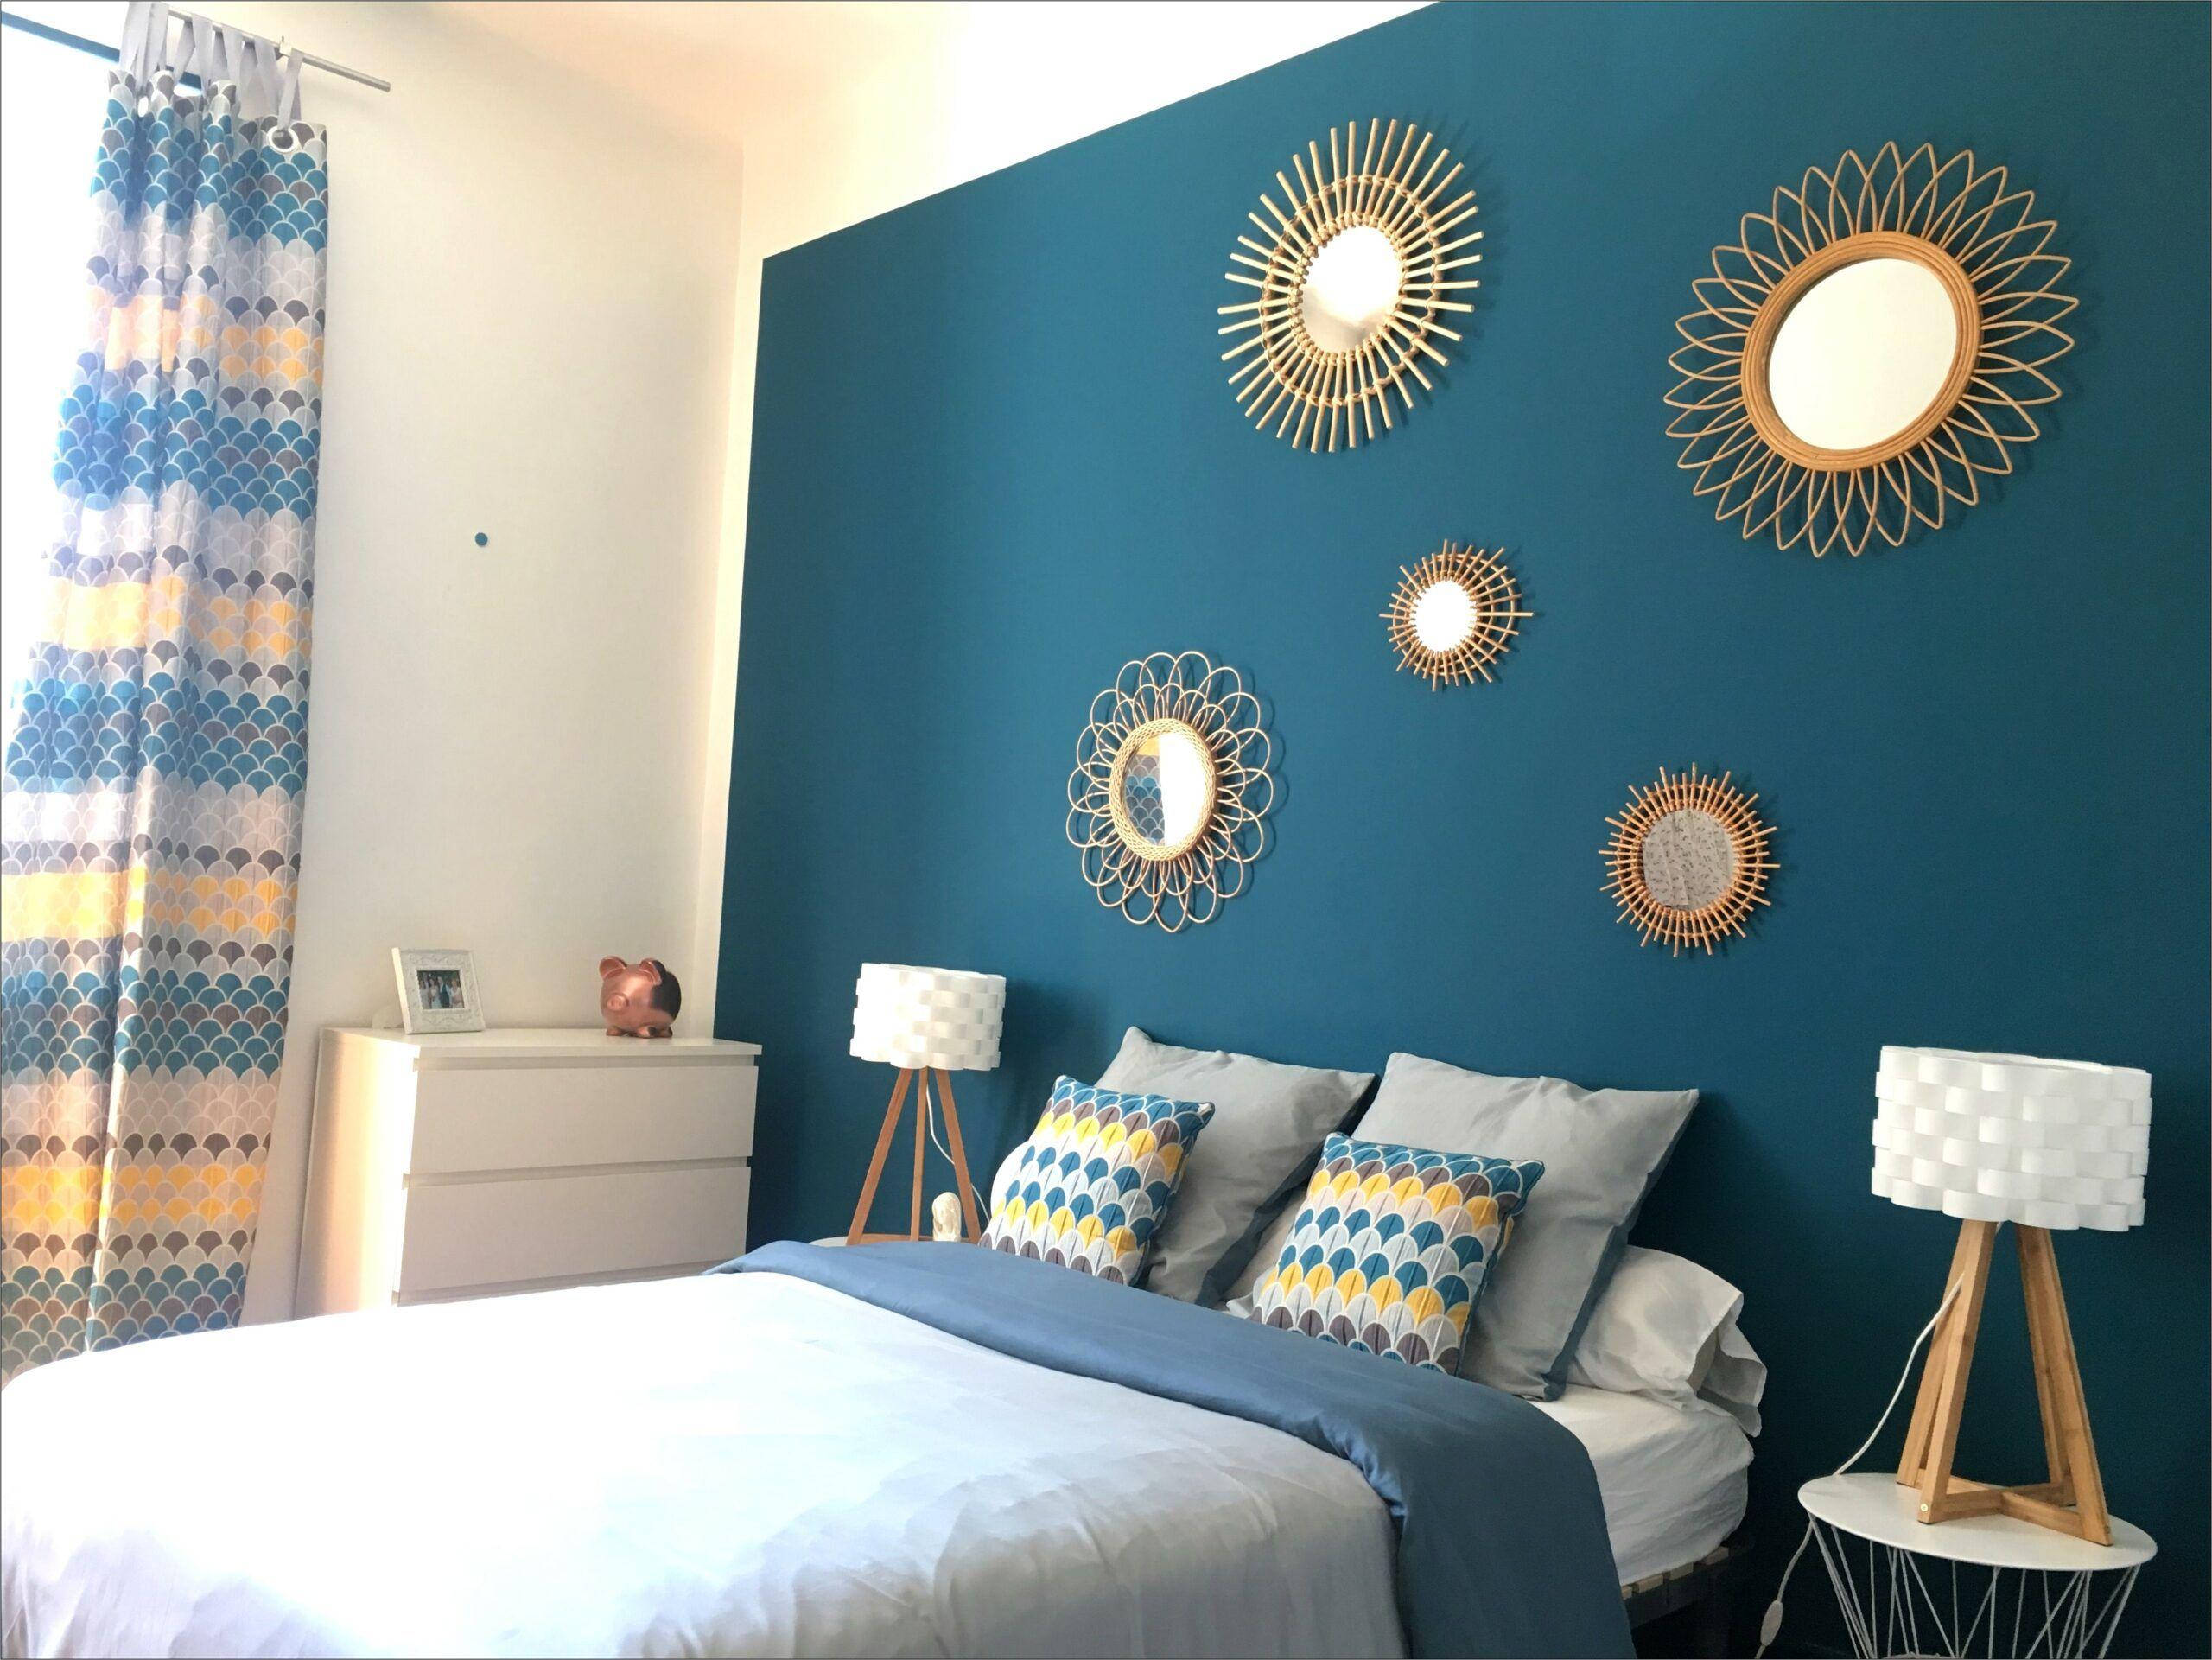 Deco Bleu Et Doree Chambre en 20  Deco chambre, Deco chambre